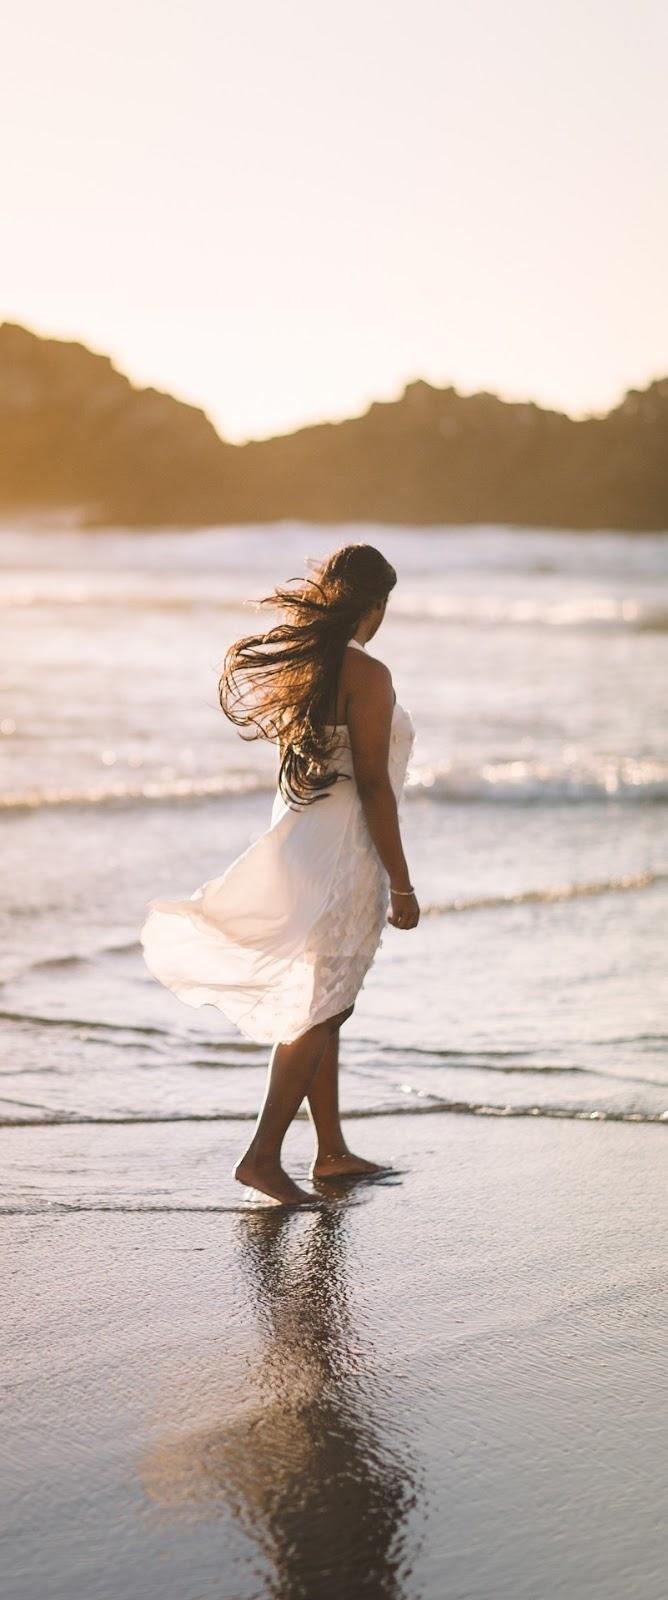 Woman at a beach.